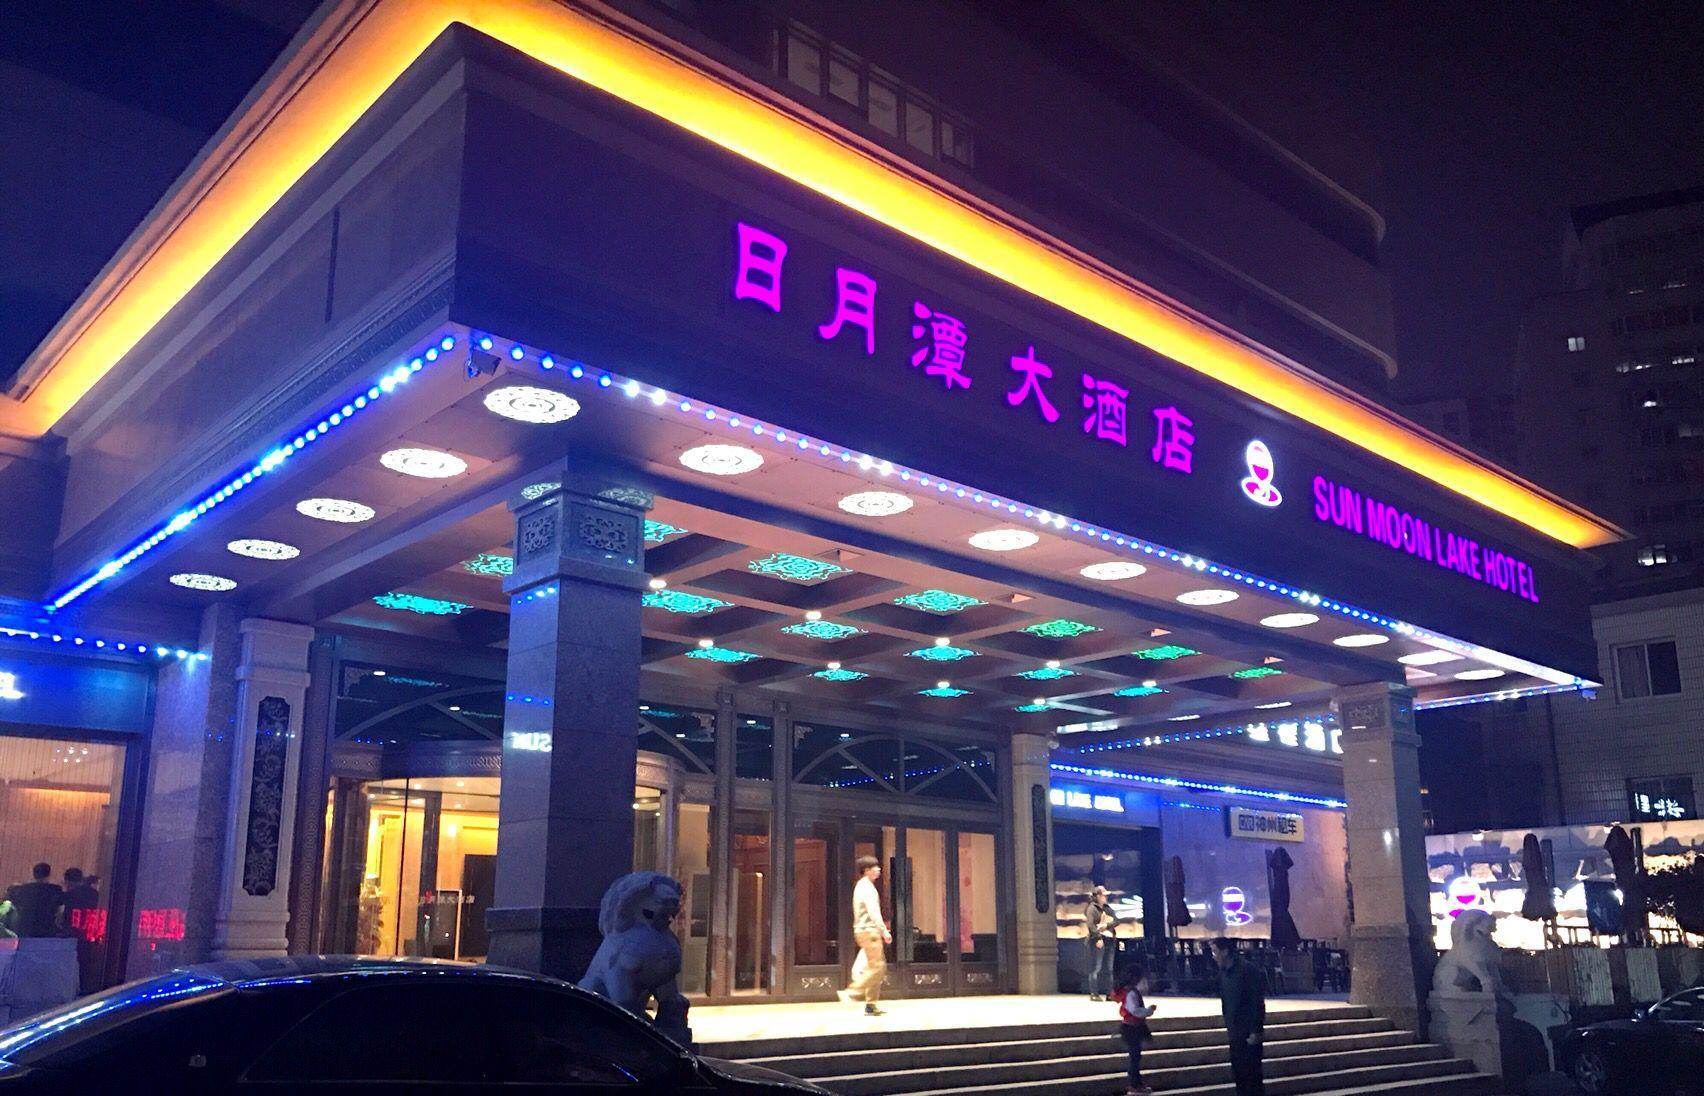 Dalian Sun Moon Lake Hotel